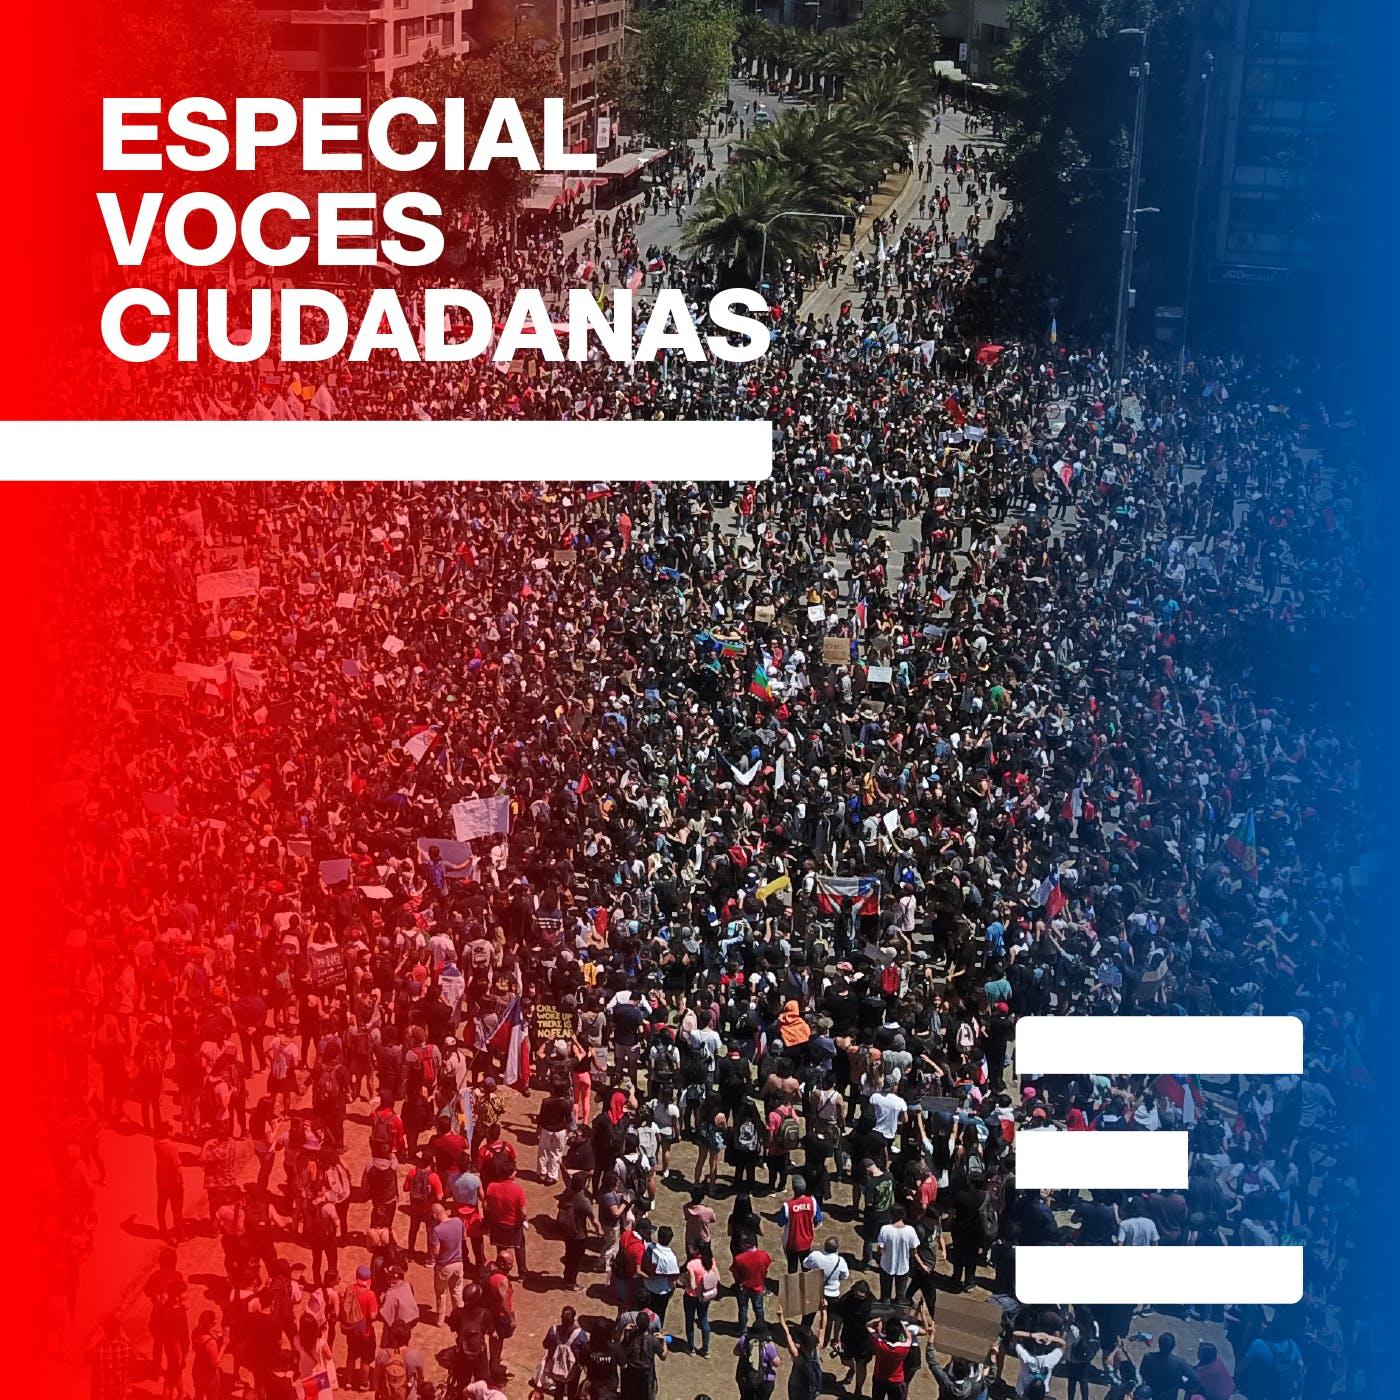 Una democracia justa y que se descentralicen las ciudades